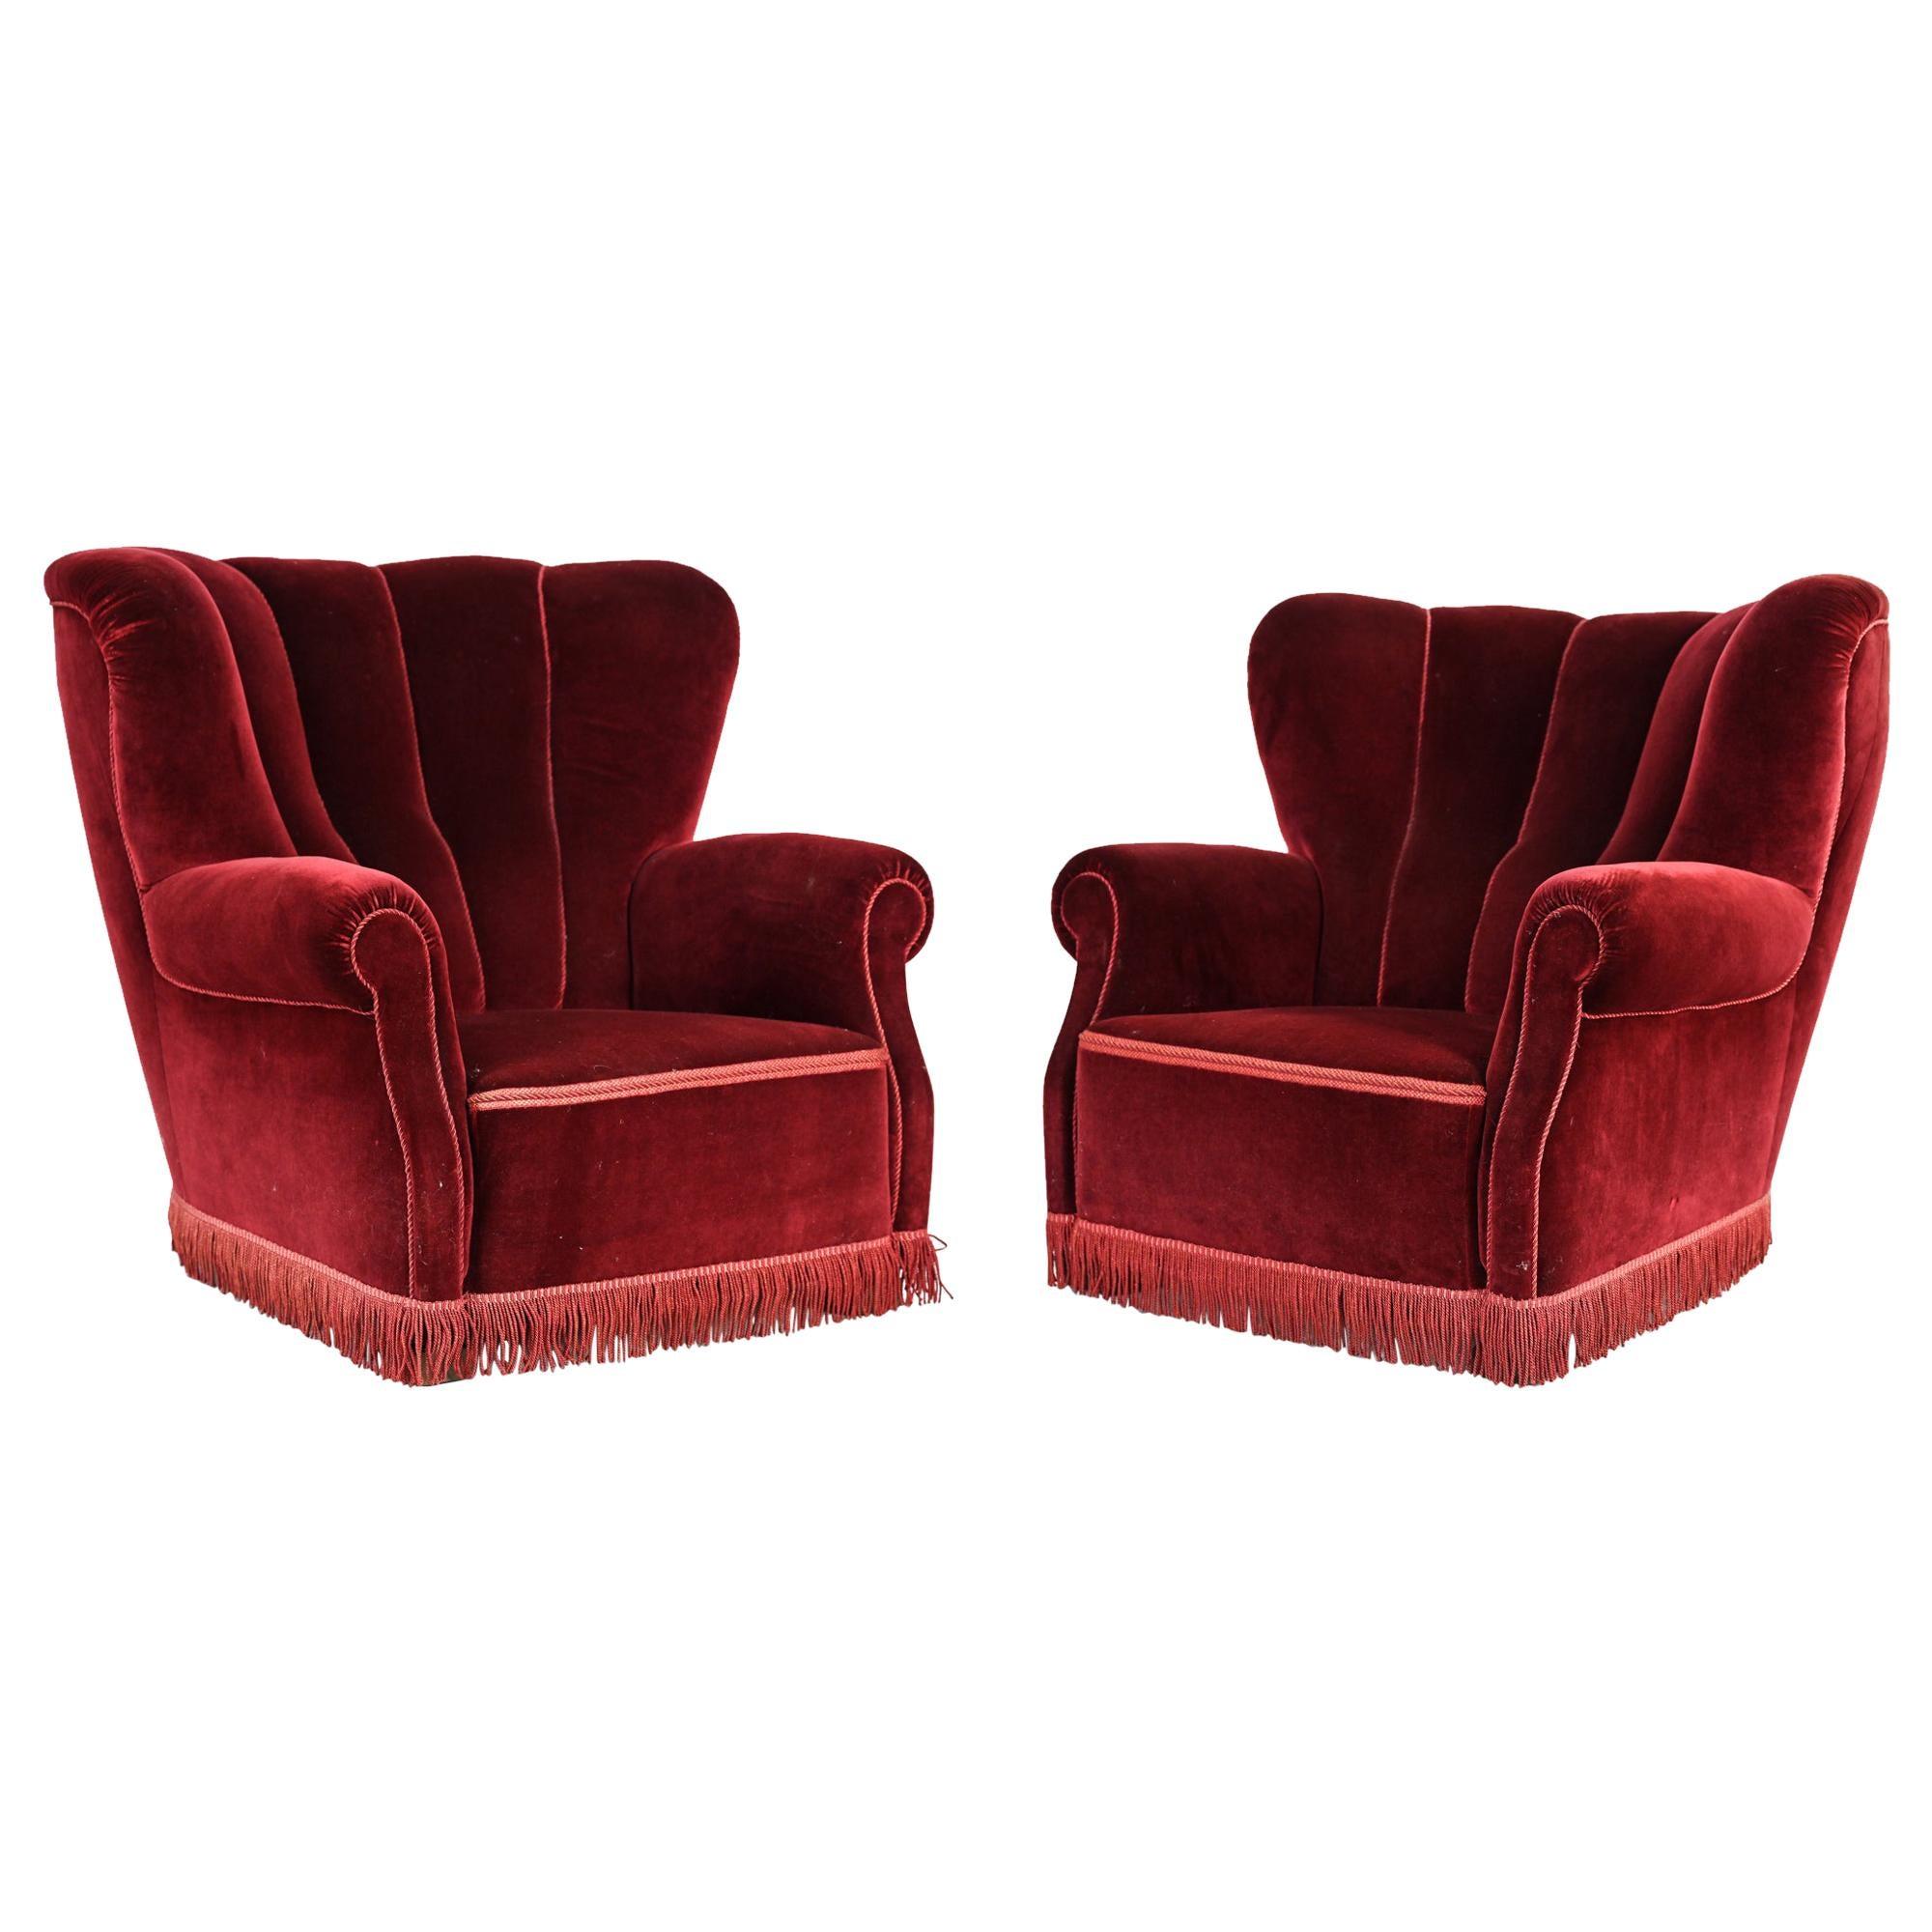 Pair of Danish Art Deco Red Velvet Club Chairs